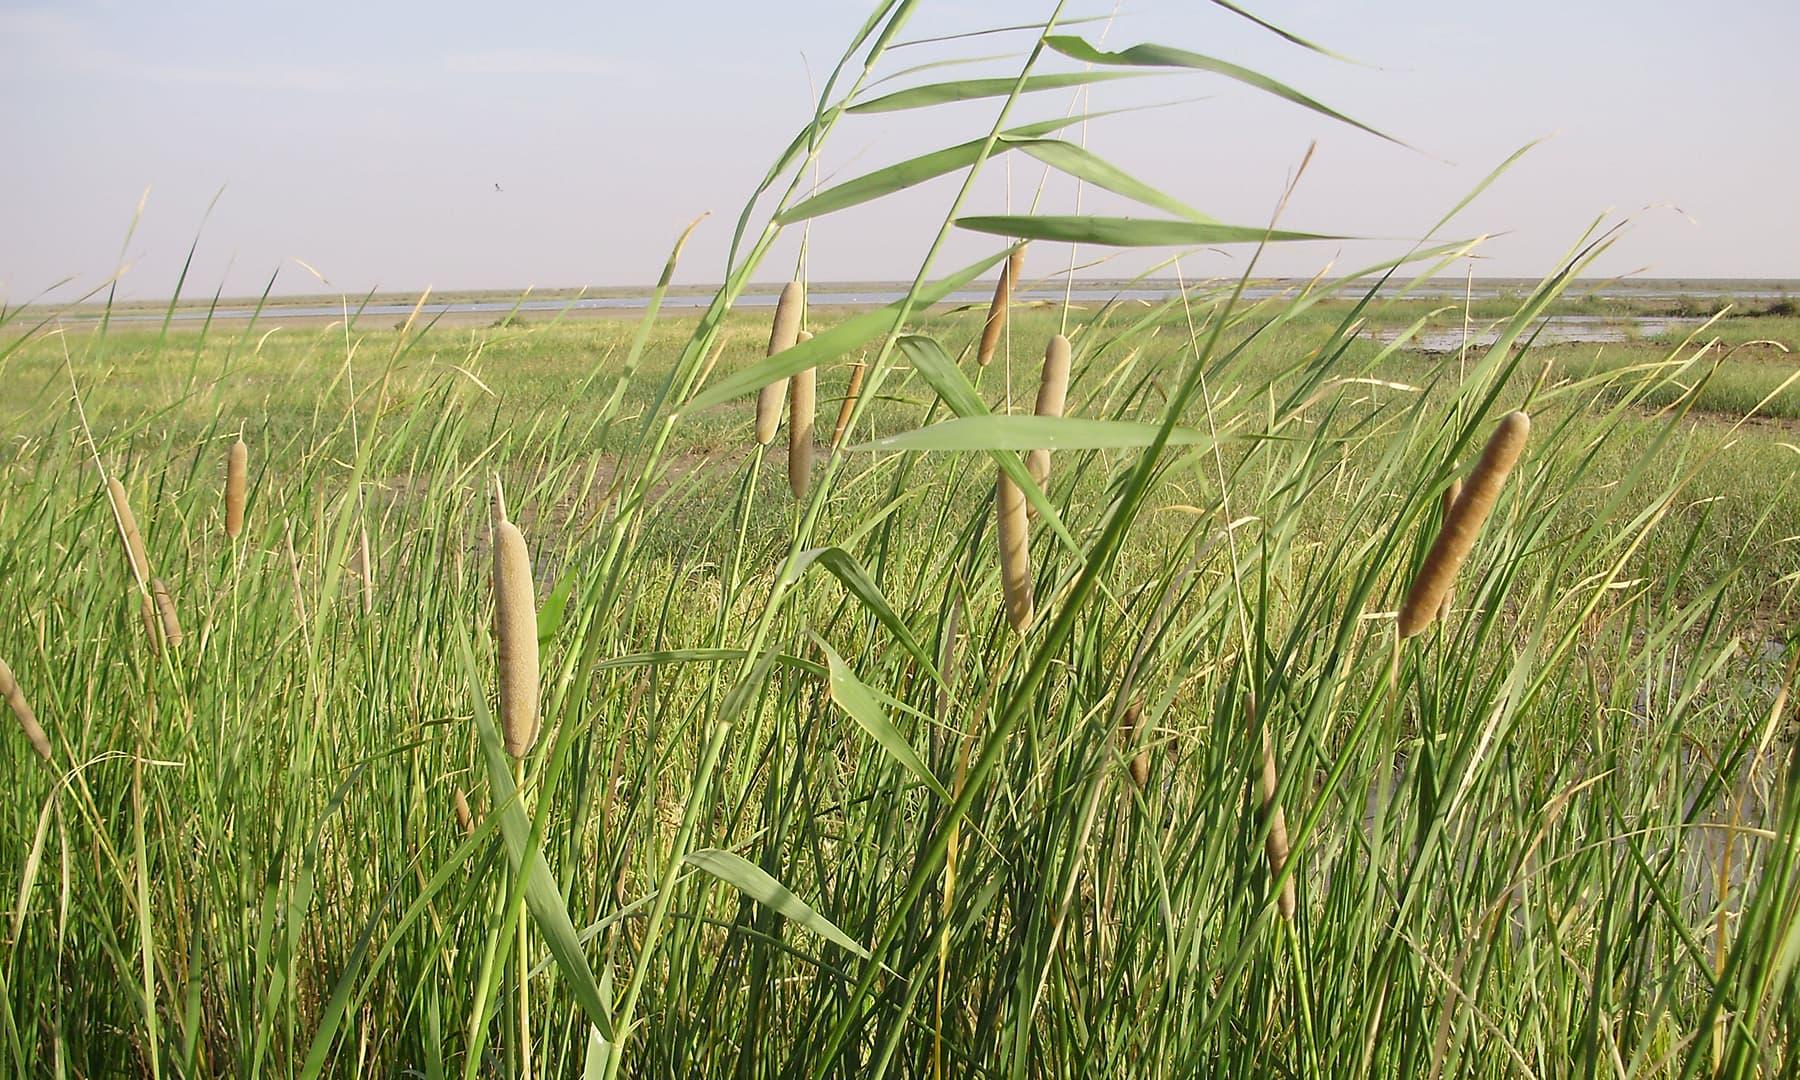 2009ء میں یہاں ہرے بھرے کھیت نظر آجاتے تھے—تصویر ابوبکر شیخ